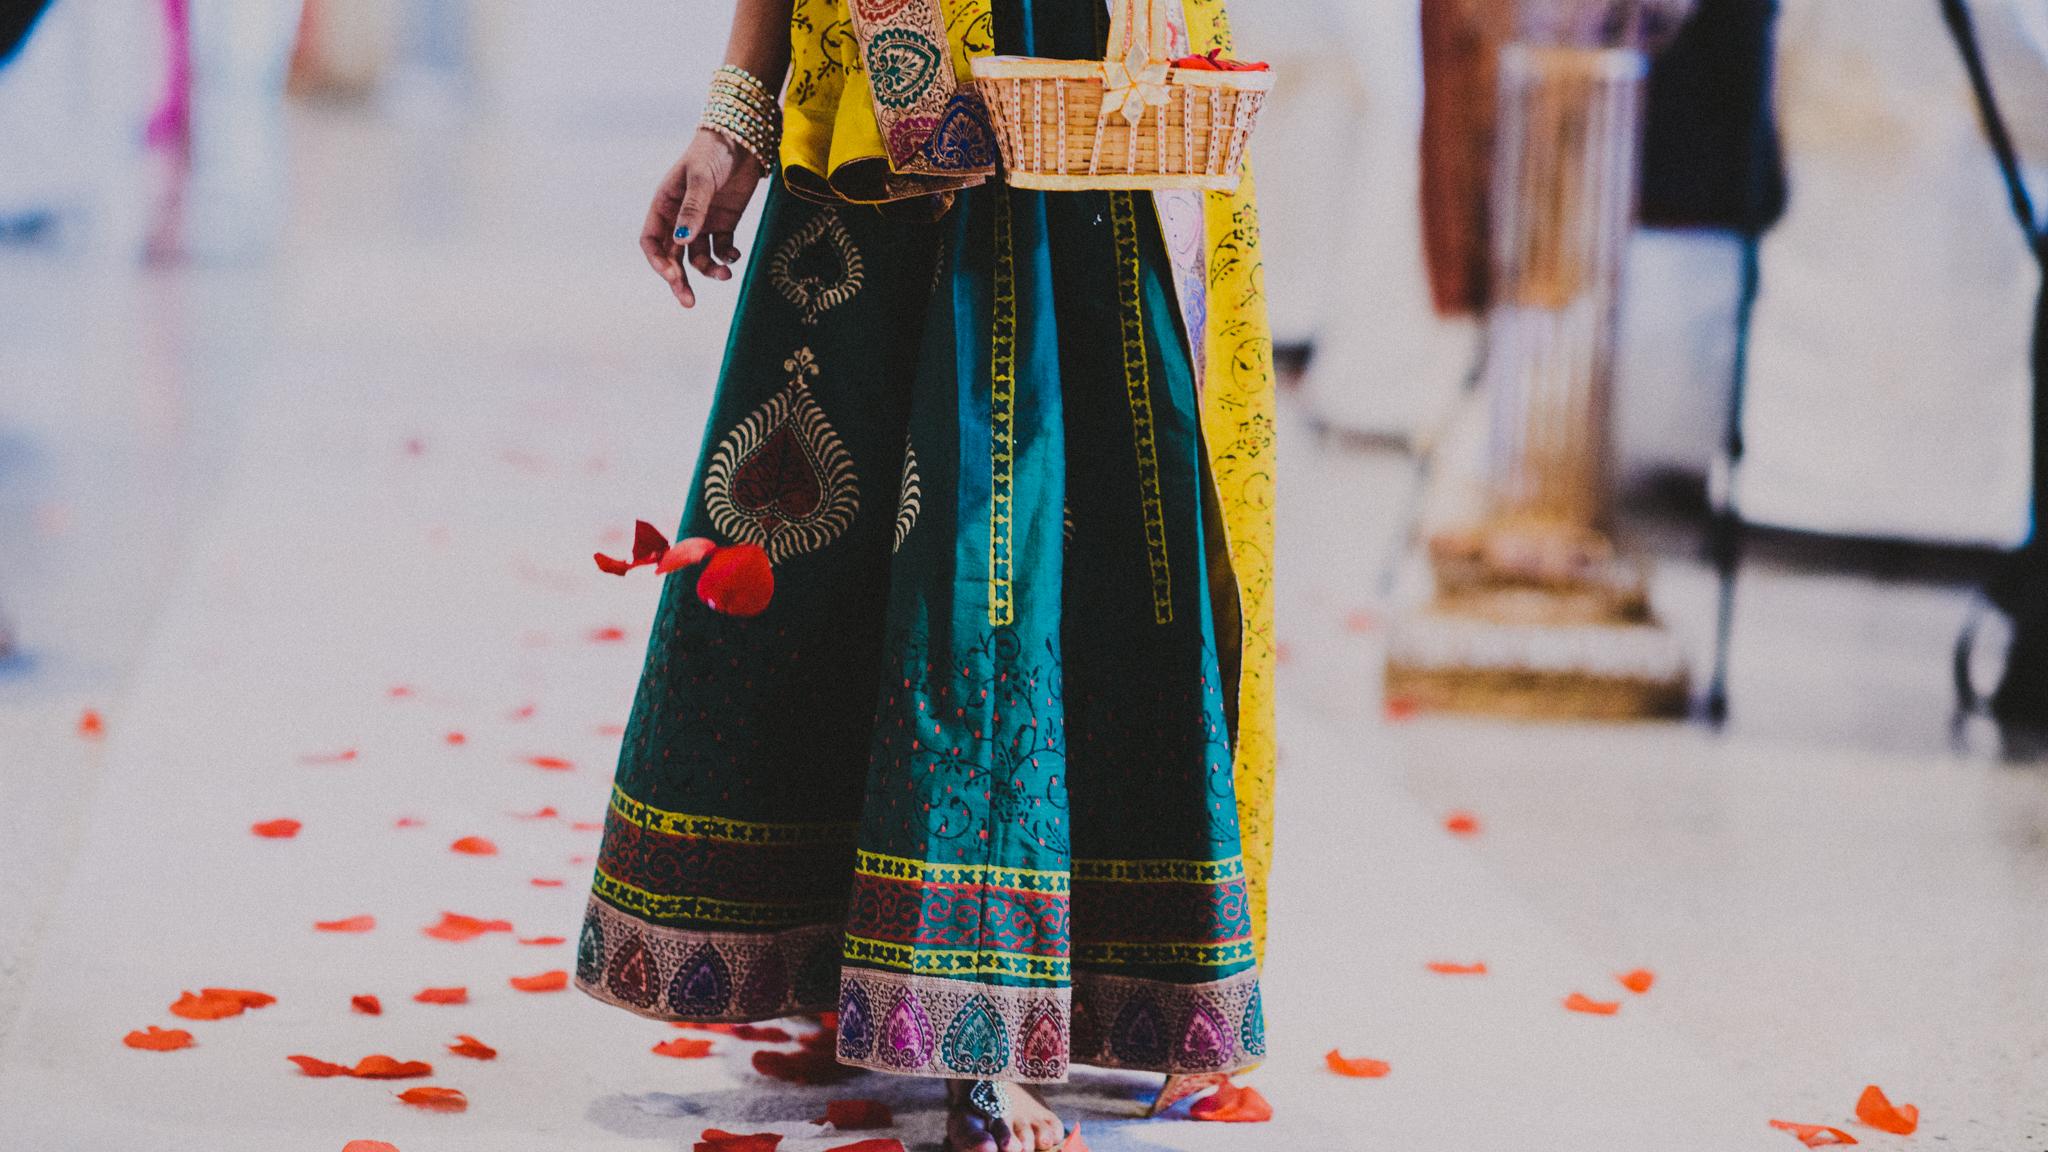 orlando_wedding_photographer_florida_gian_carlo_photography_029.jpg